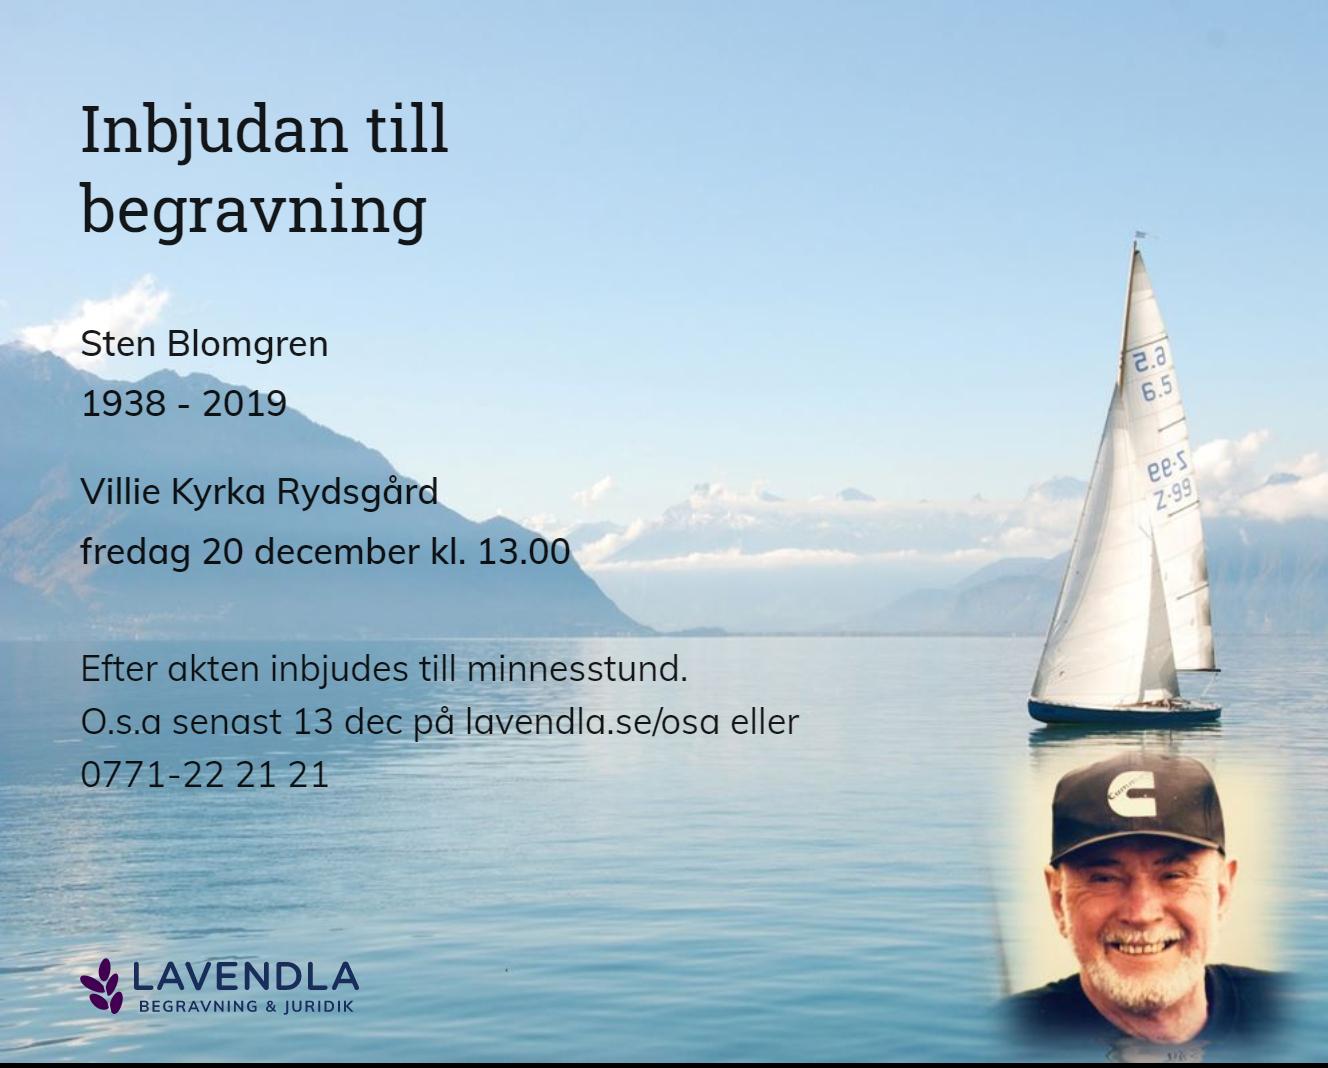 Inbjudningskort till ceremonin för Sten Blomgren